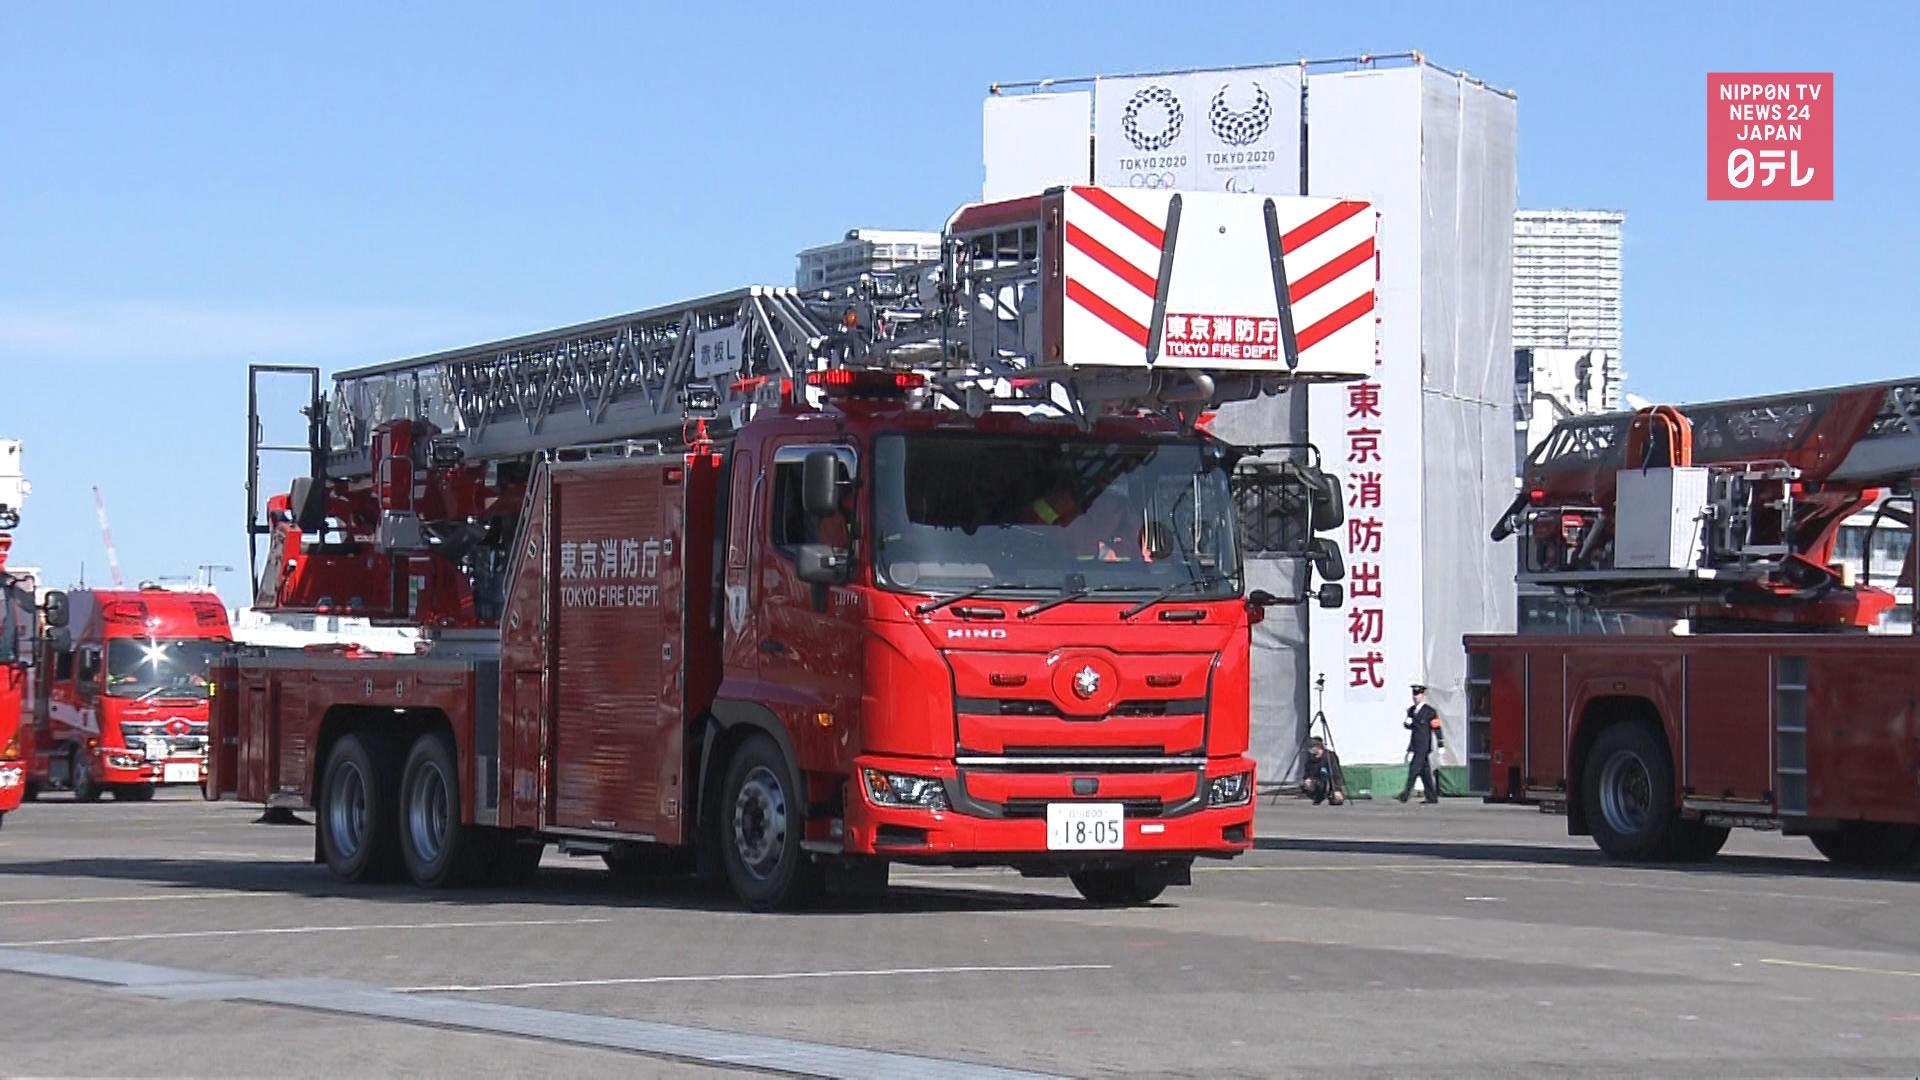 Firefighters gear up in 2020